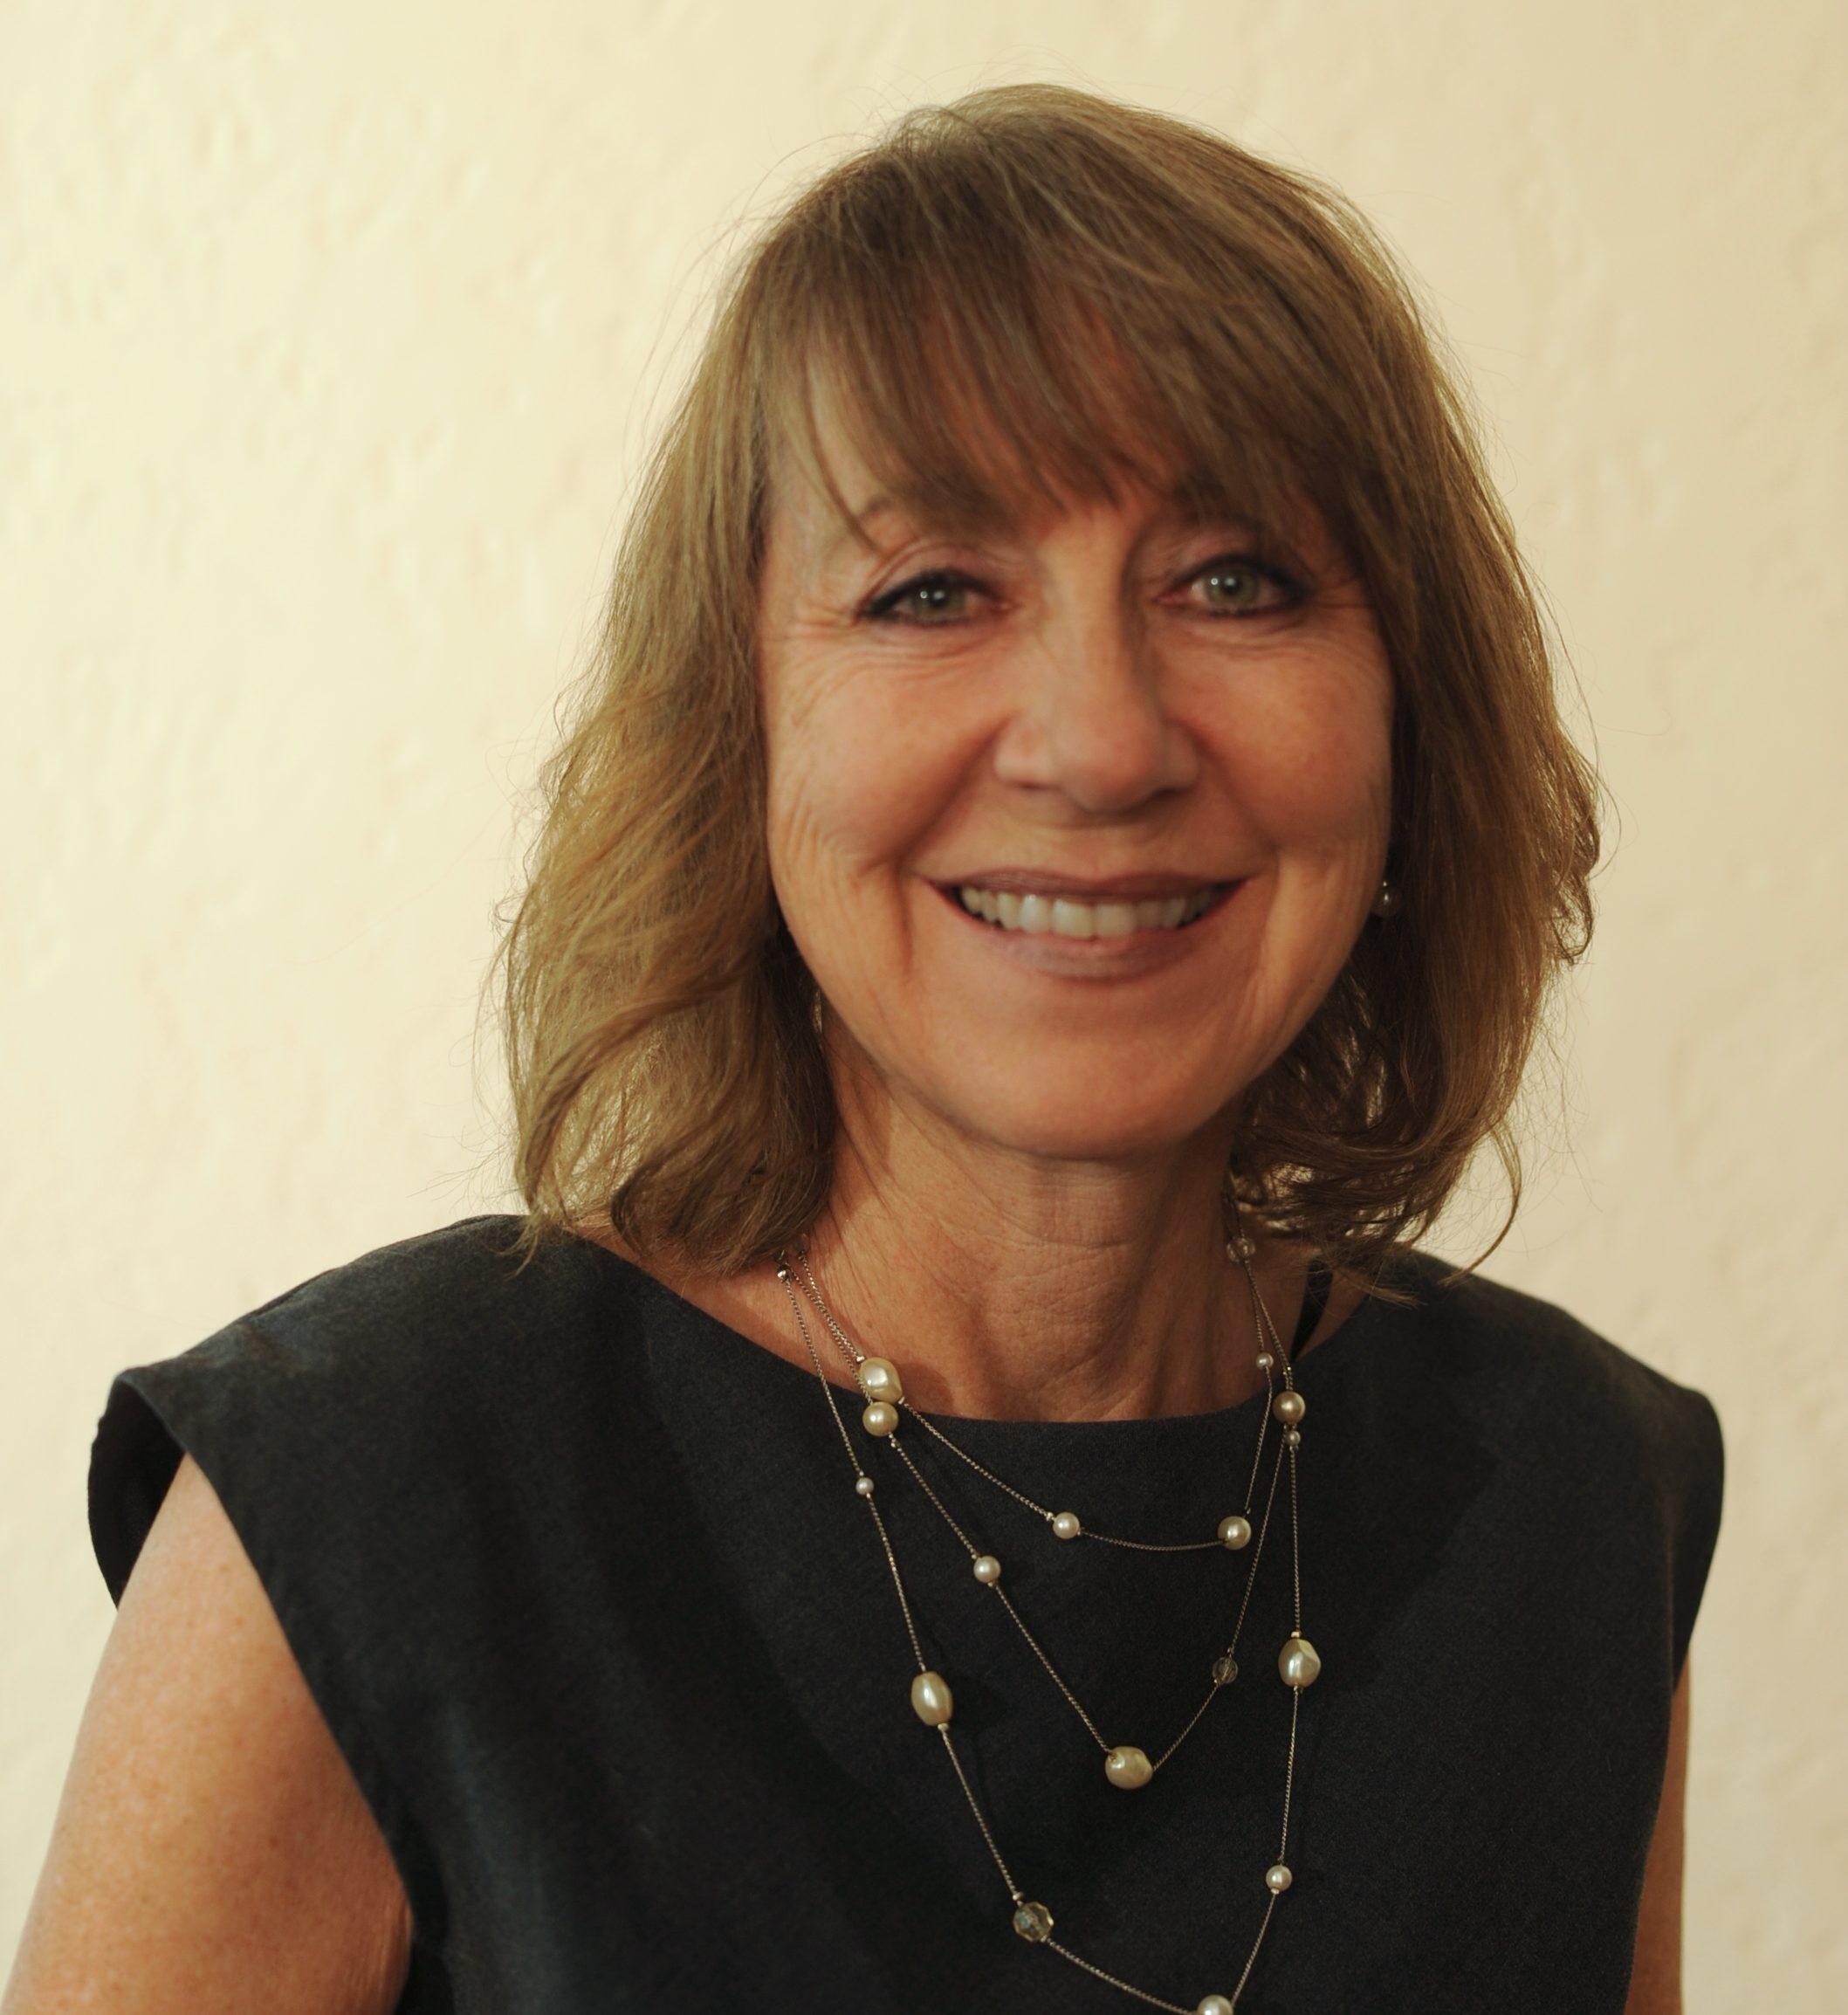 Julie Walker